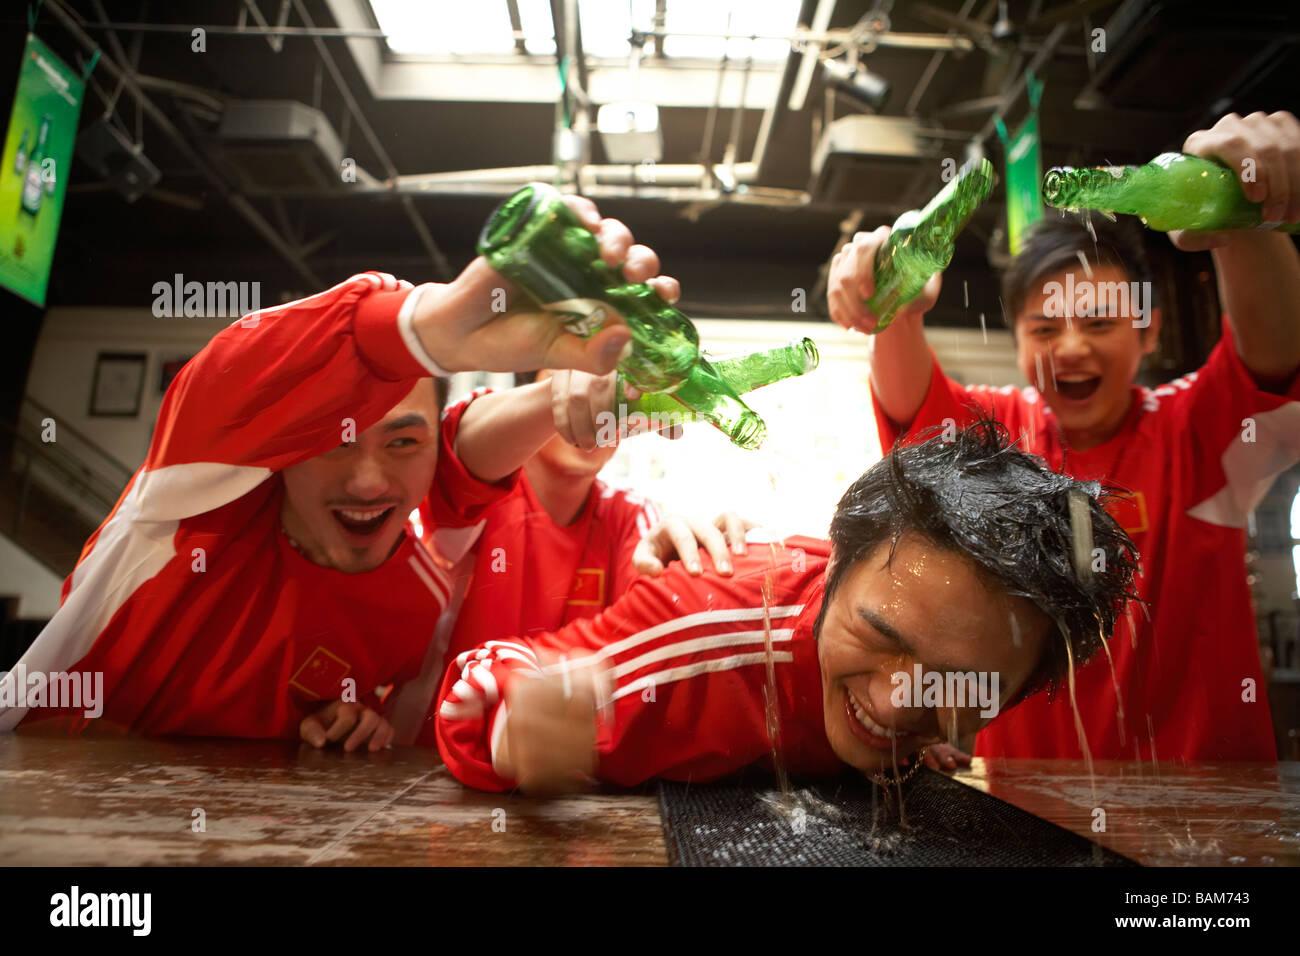 Los hombres jóvenes verter alcohol más joven en la barra inclinada Imagen De Stock